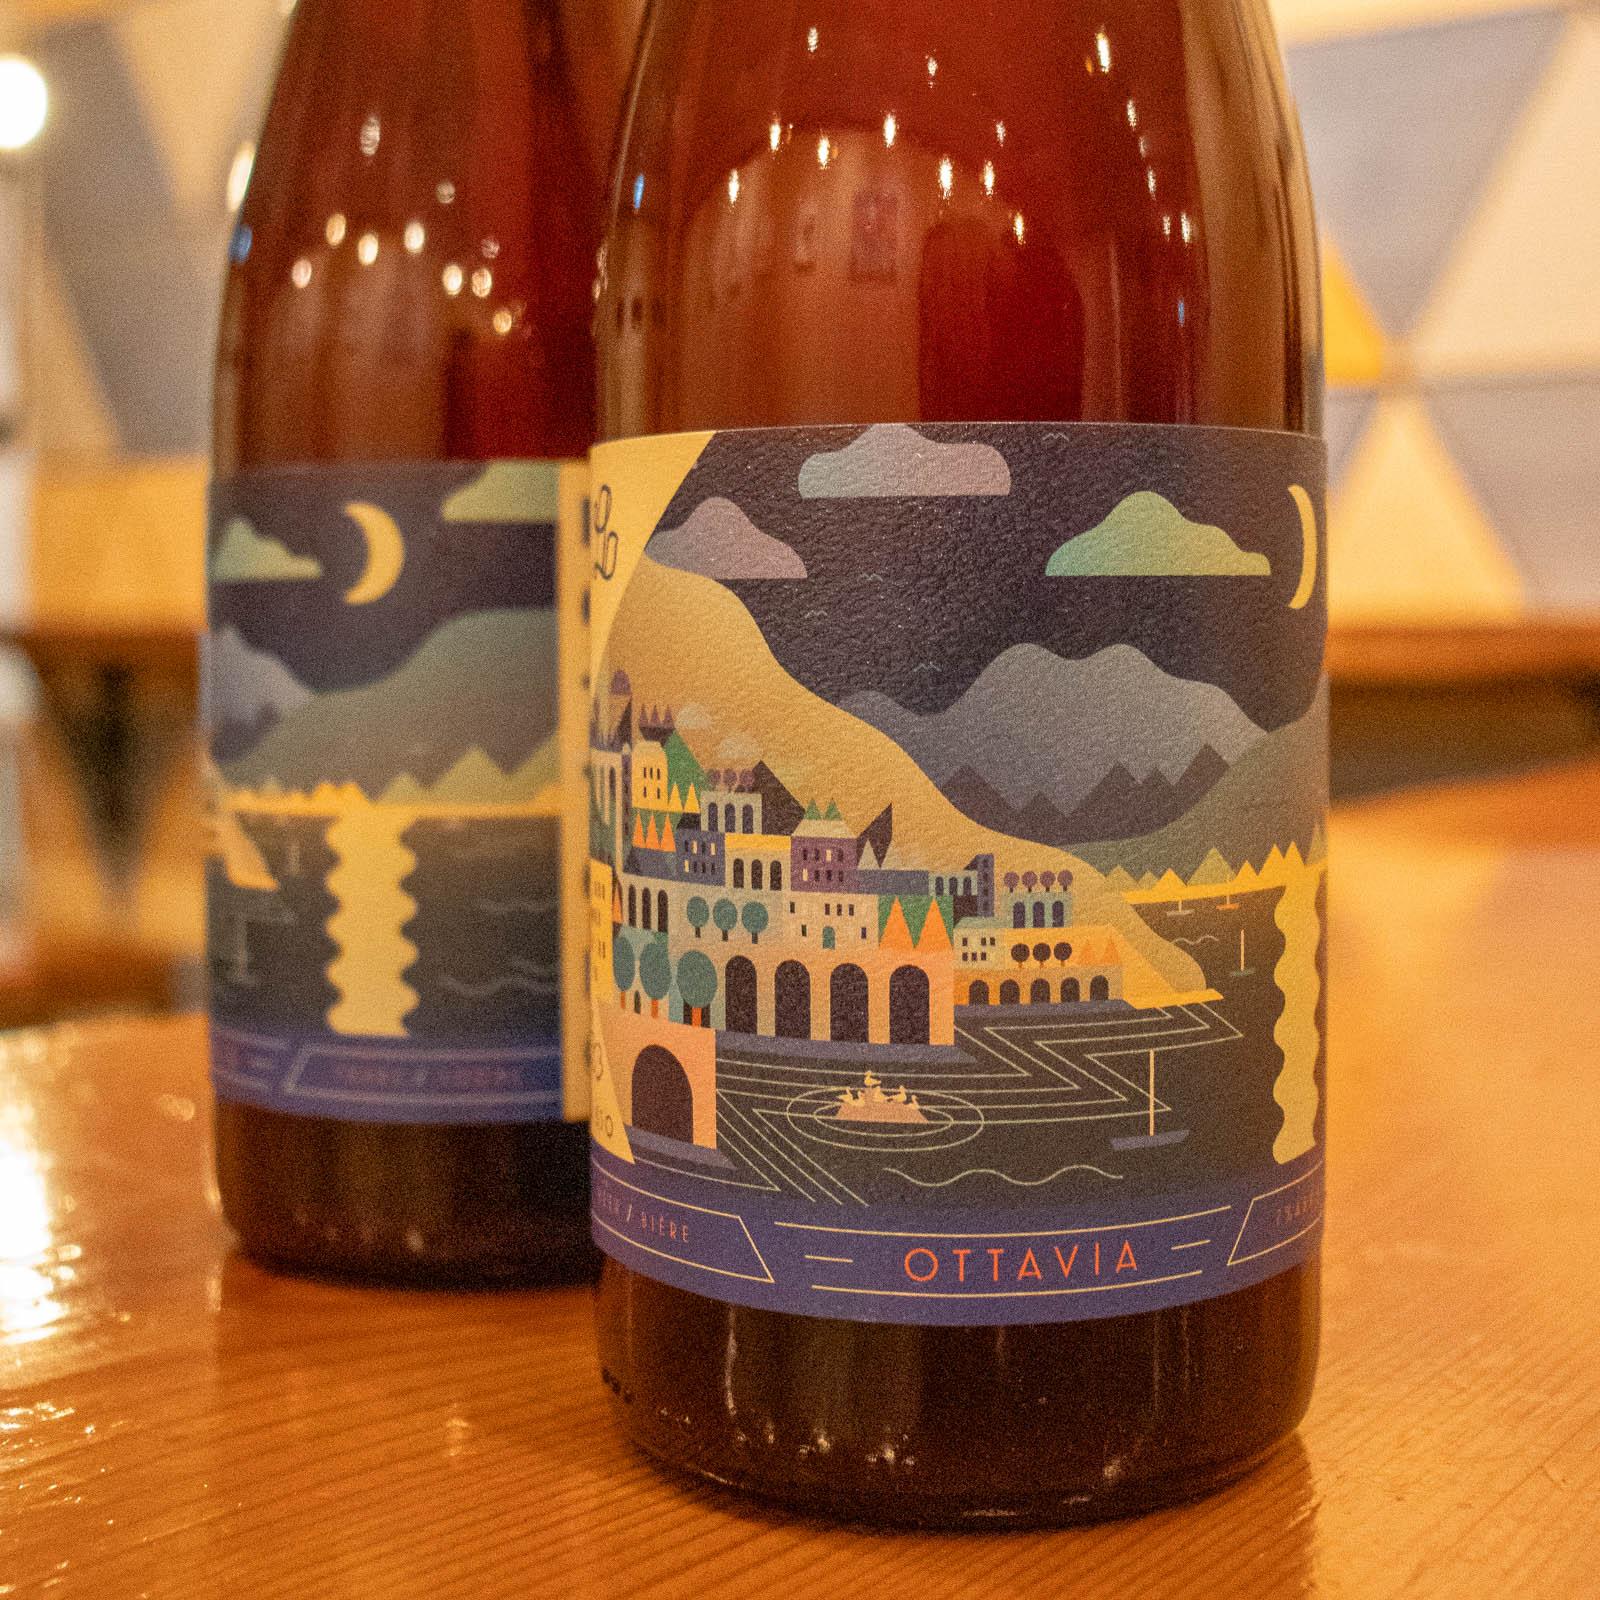 Ottavia Barrel Aged Blended Beers